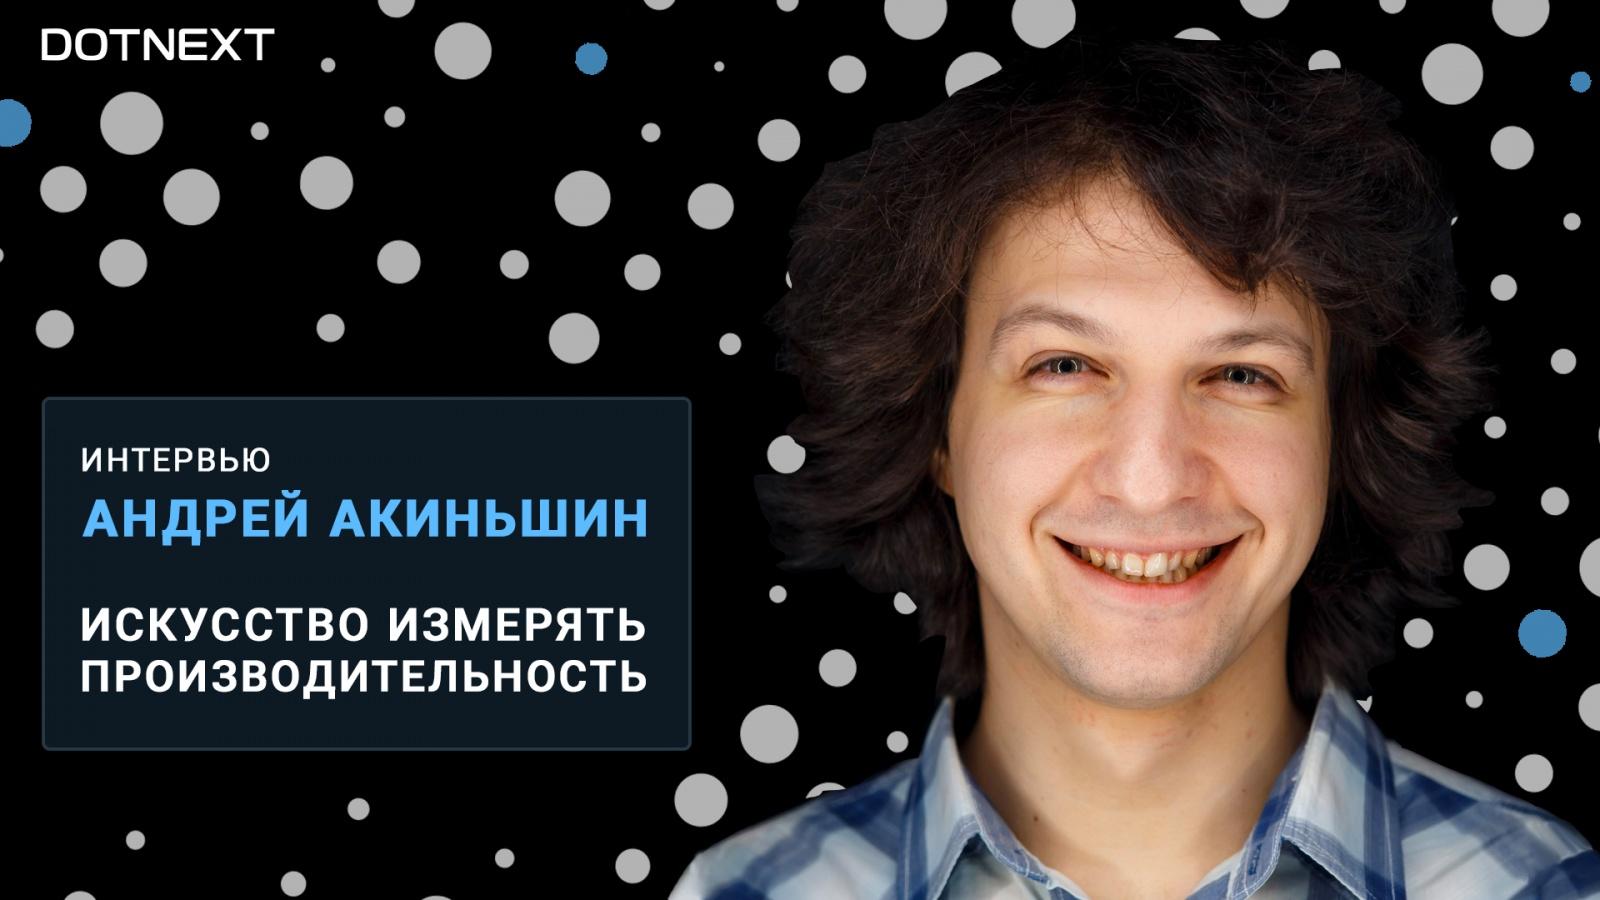 «Типичная ошибка — бездумно бенчмаркать всё подряд»: интервью с Андреем Акиньшиным о бенчмаркинге - 1